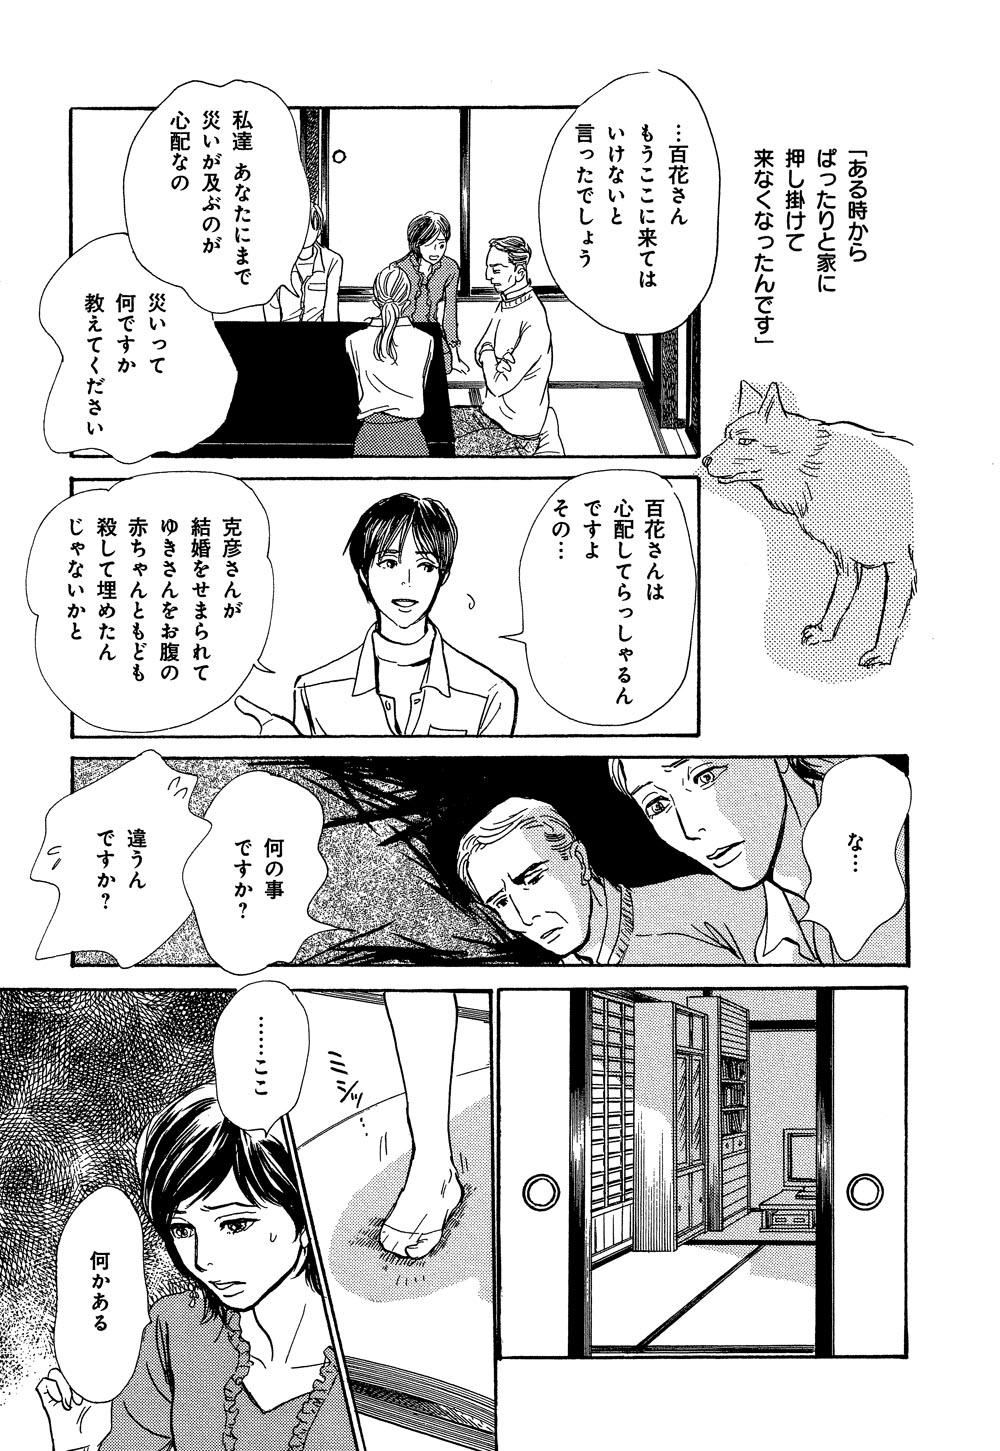 hyakki_0021_0039.jpg